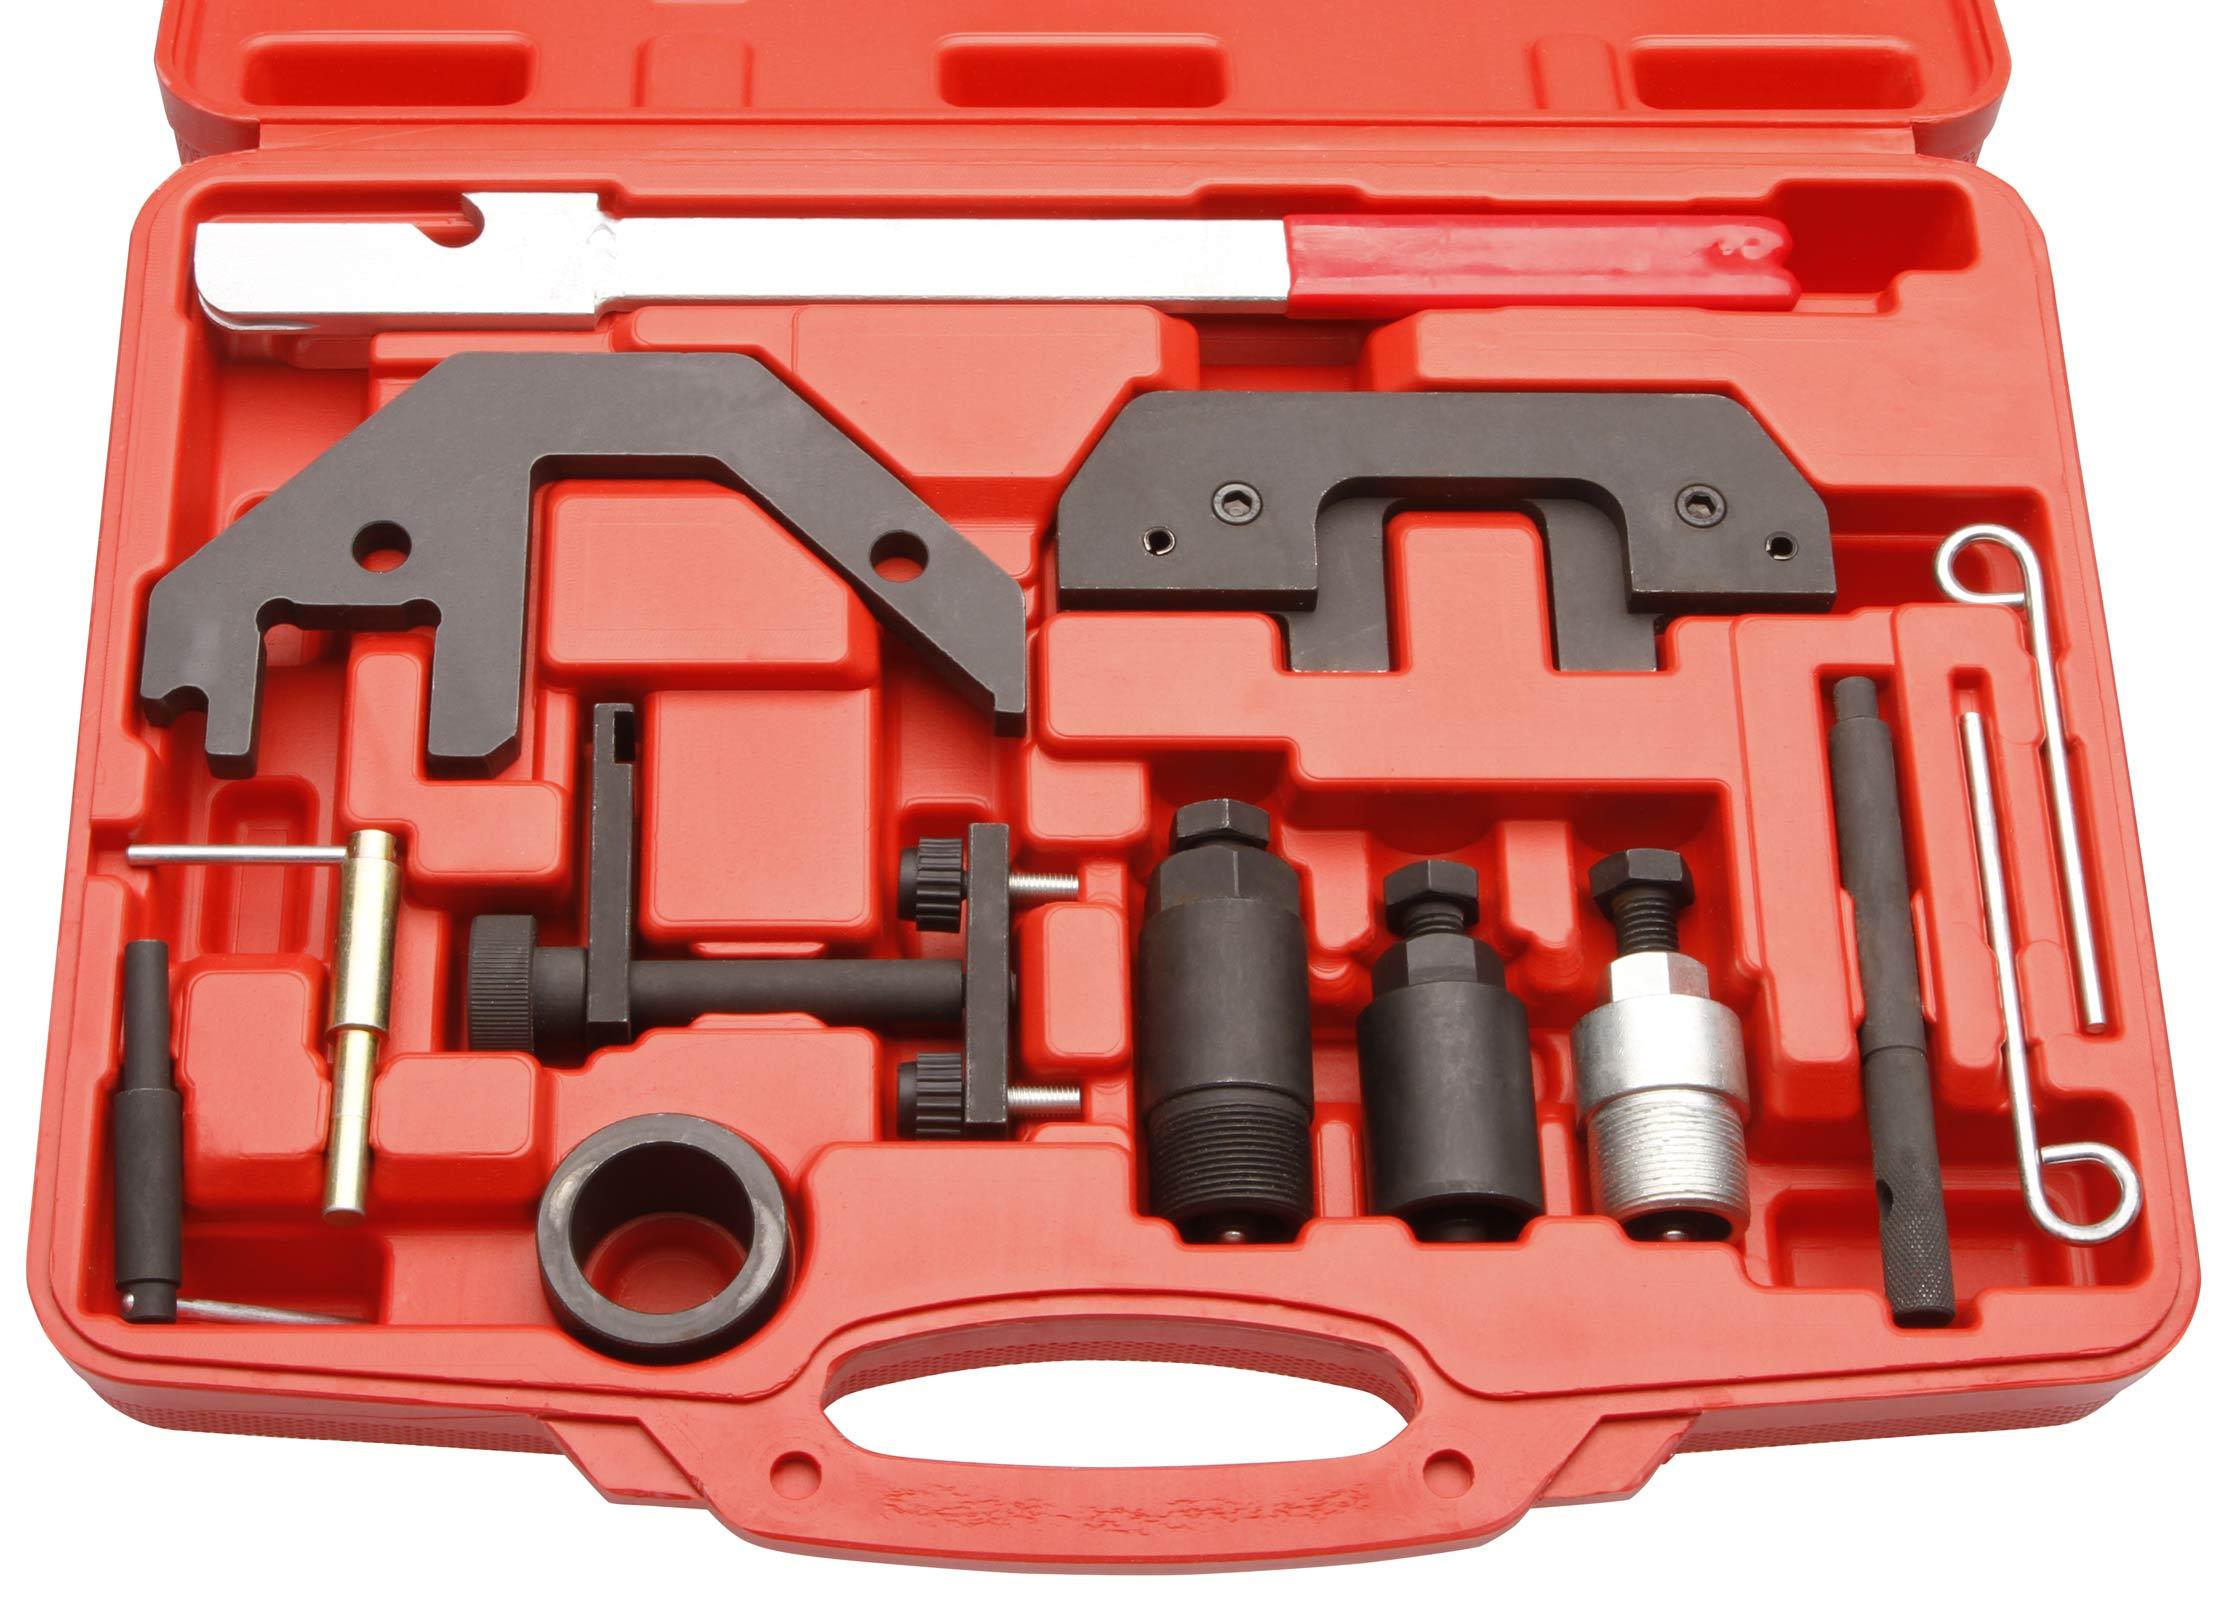 FG192//MI6 Messa in fase motori MINI R50-R52-R53 COOPER COOPER S ONE 1.6 Benzina